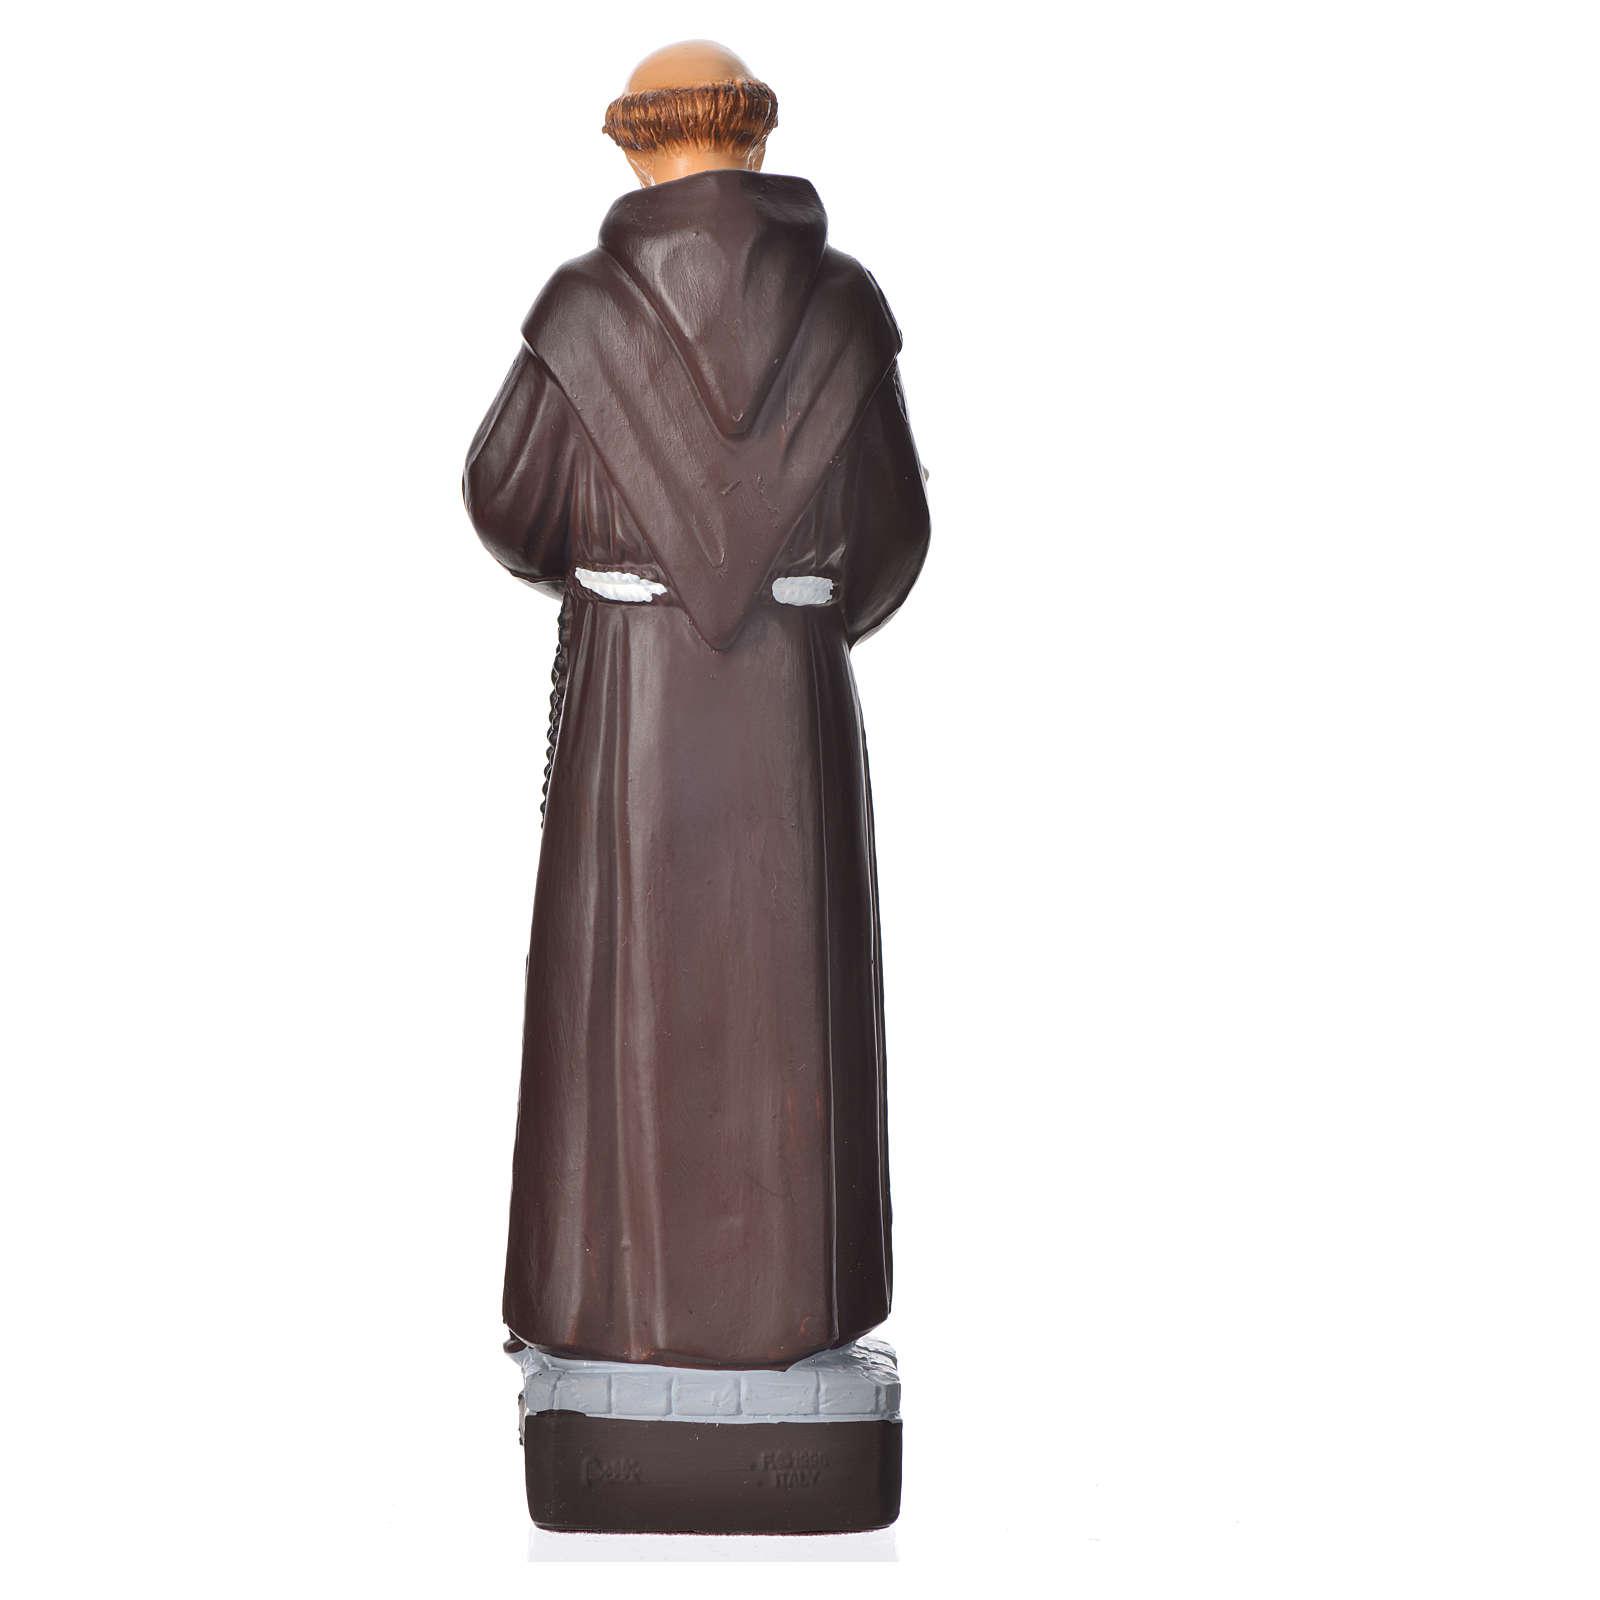 Saint François d'Assise statue pvc incassable 16 cm 4